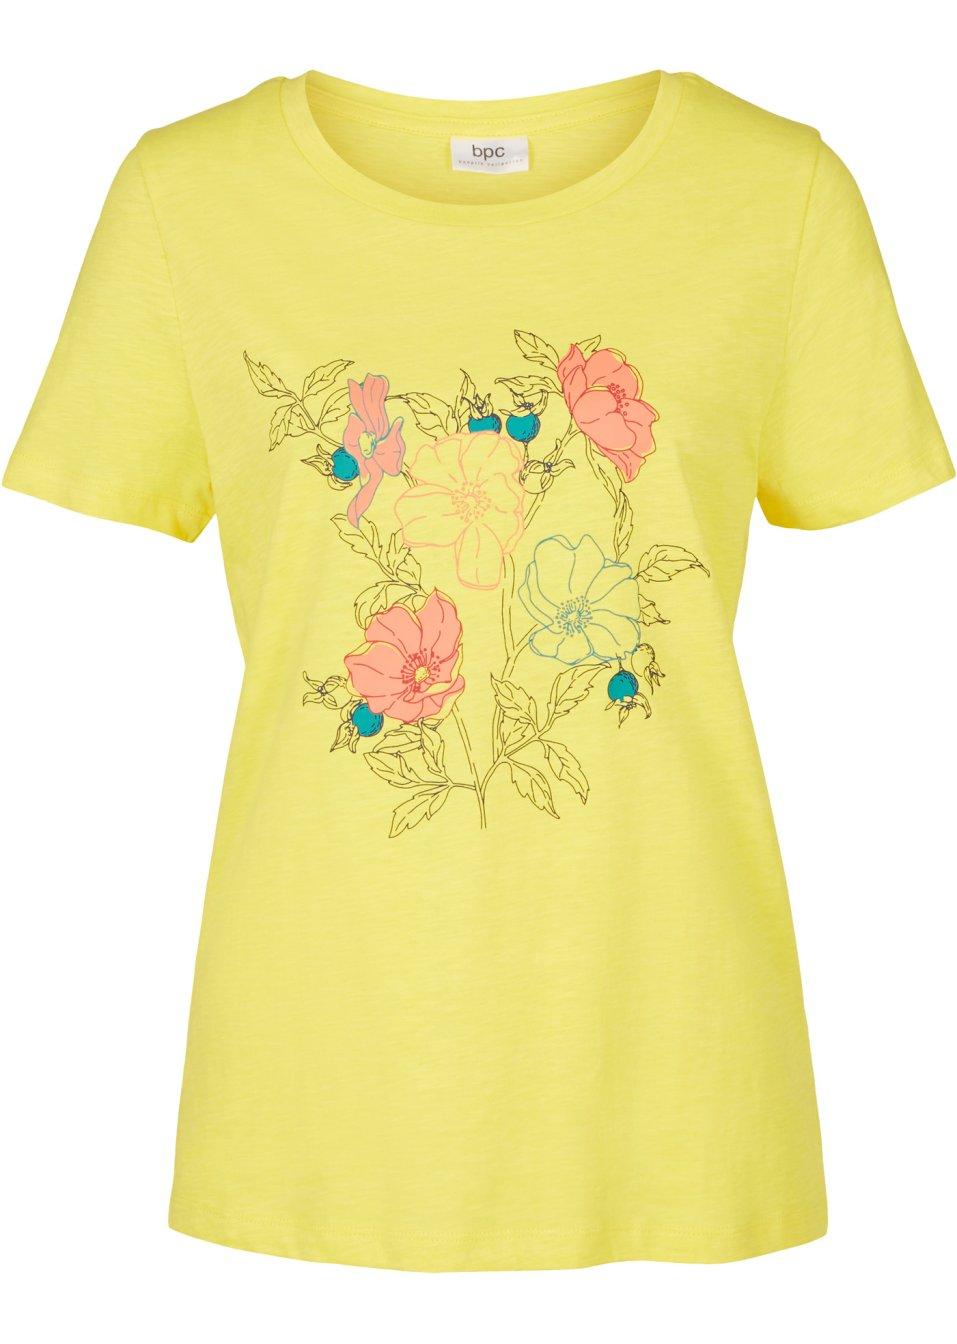 Bequemes Shirt aus Baumwolle mit Druck - ananasgelb bedruckt 9JdTW EKr0Q